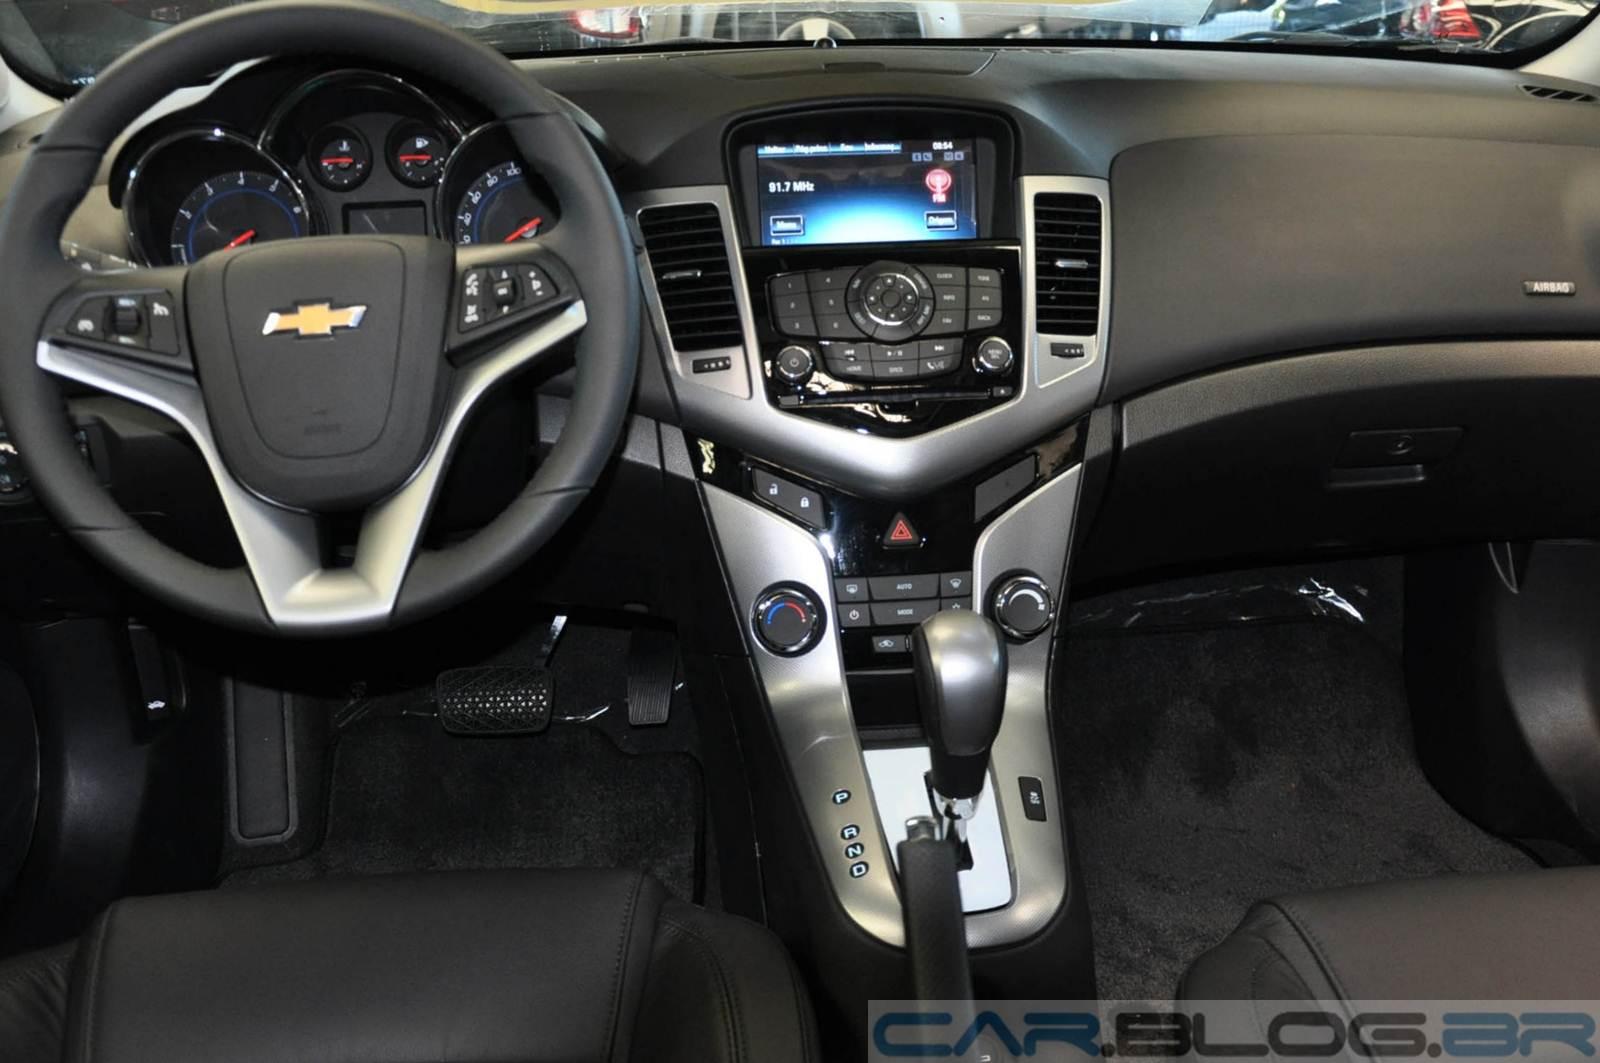 GM Cruze Sport6 LTZ Automático - interior